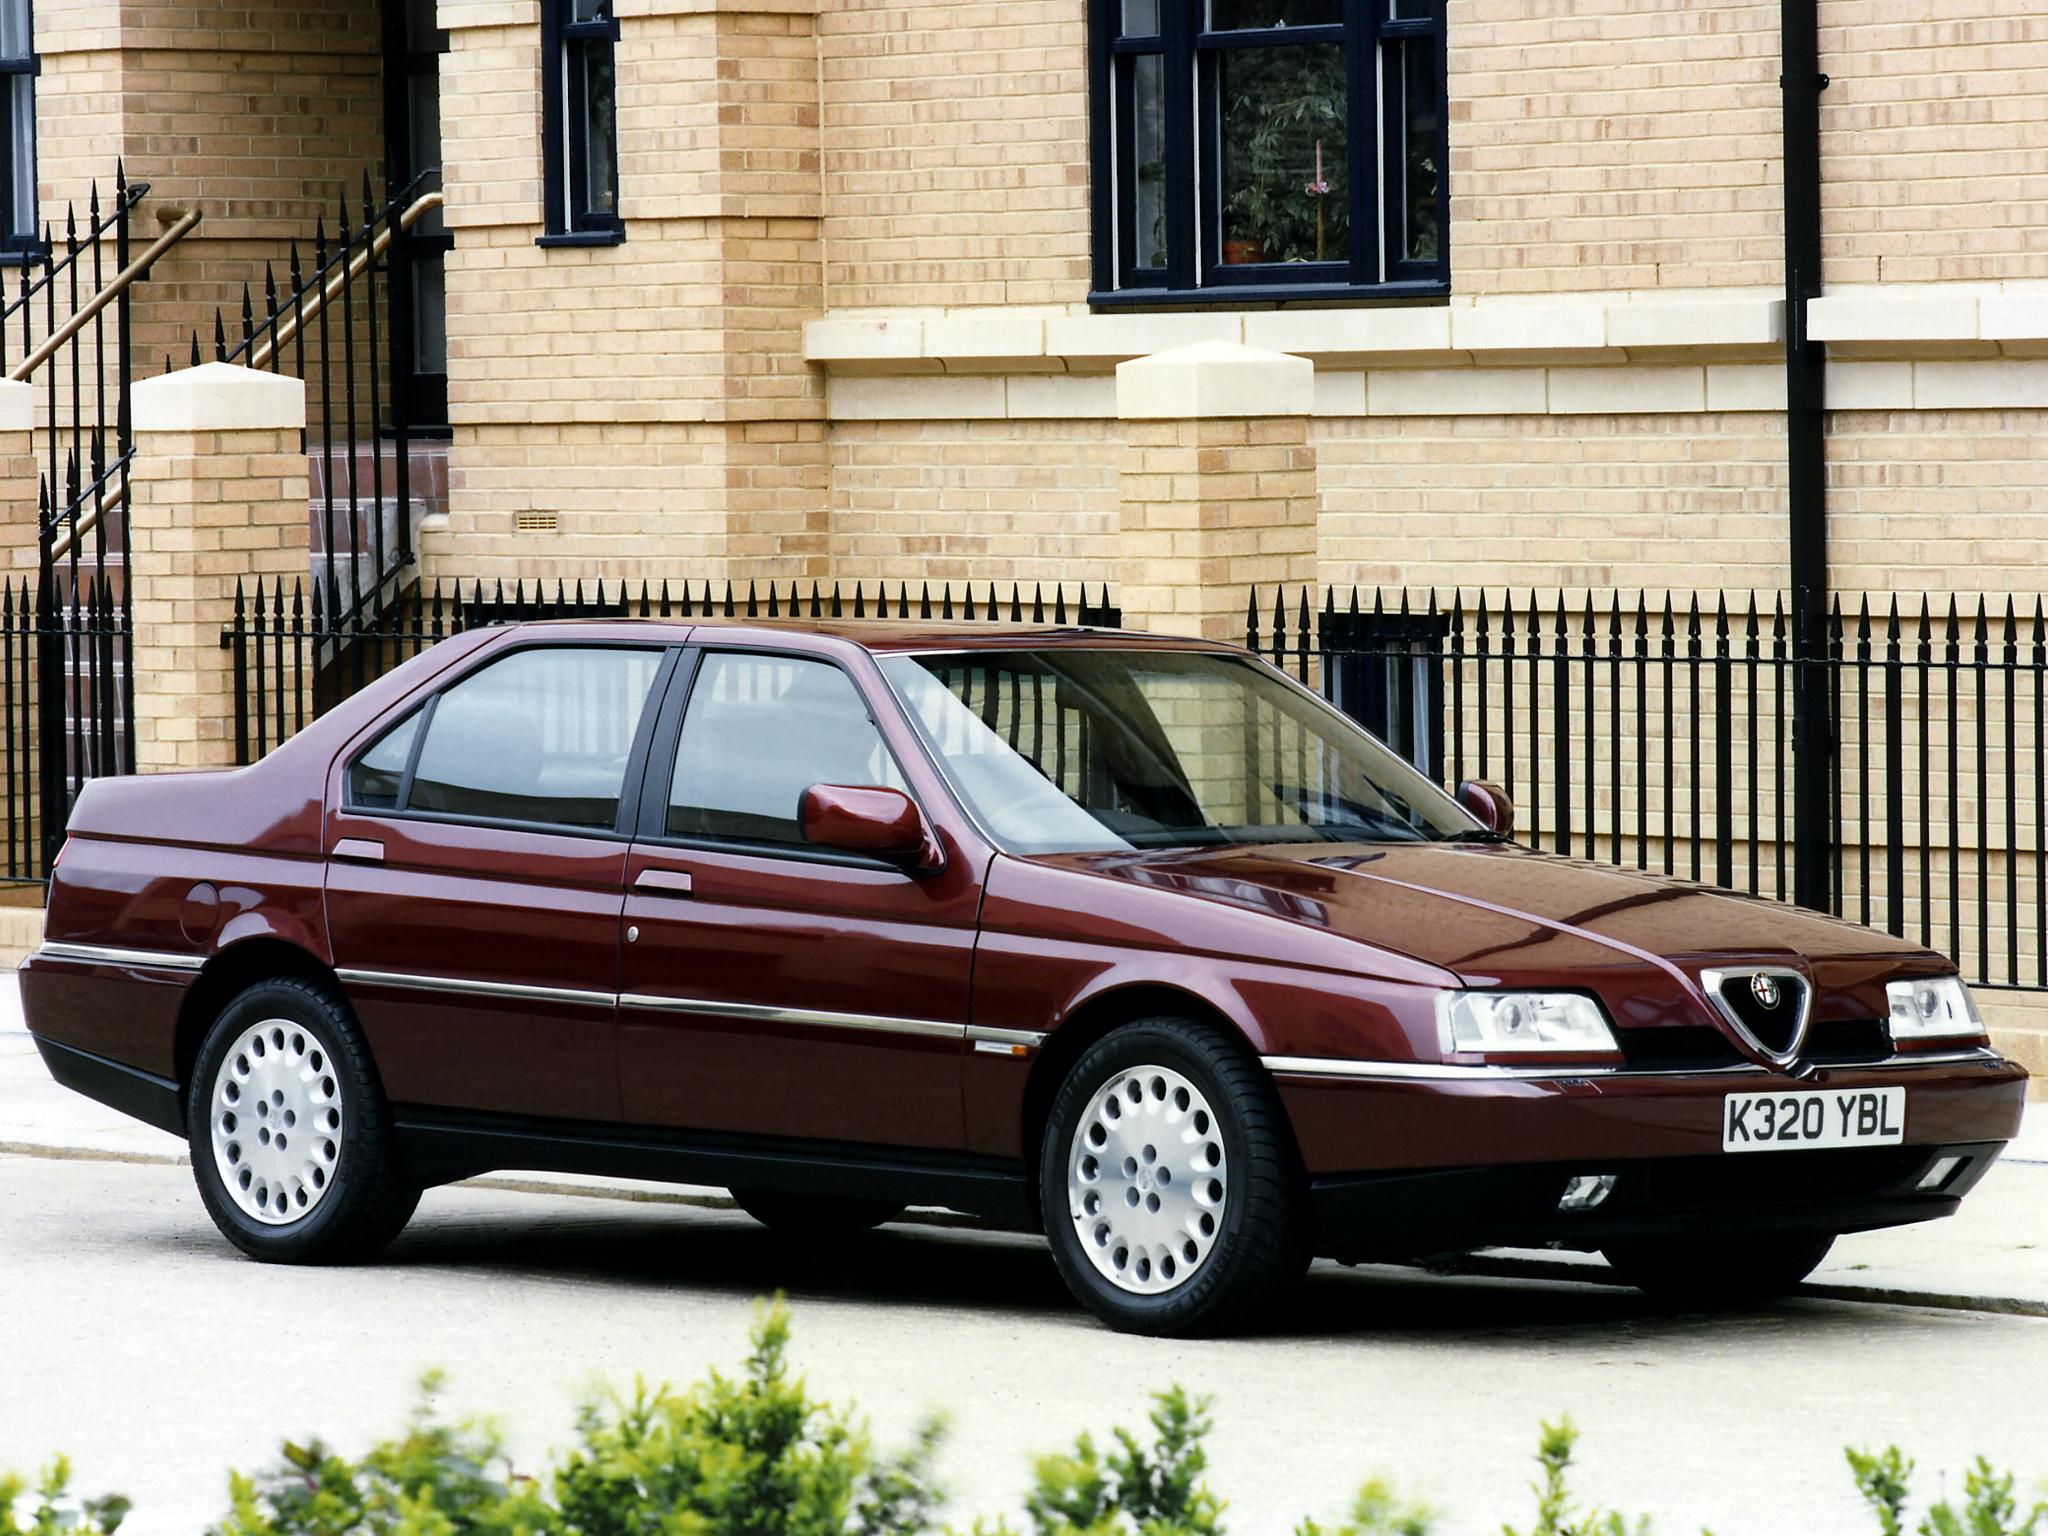 Alfa 164 Super kom 1993 i samband med en uppdatering av modellen och gav ett betydligt lyxigare intryck än tidigare.